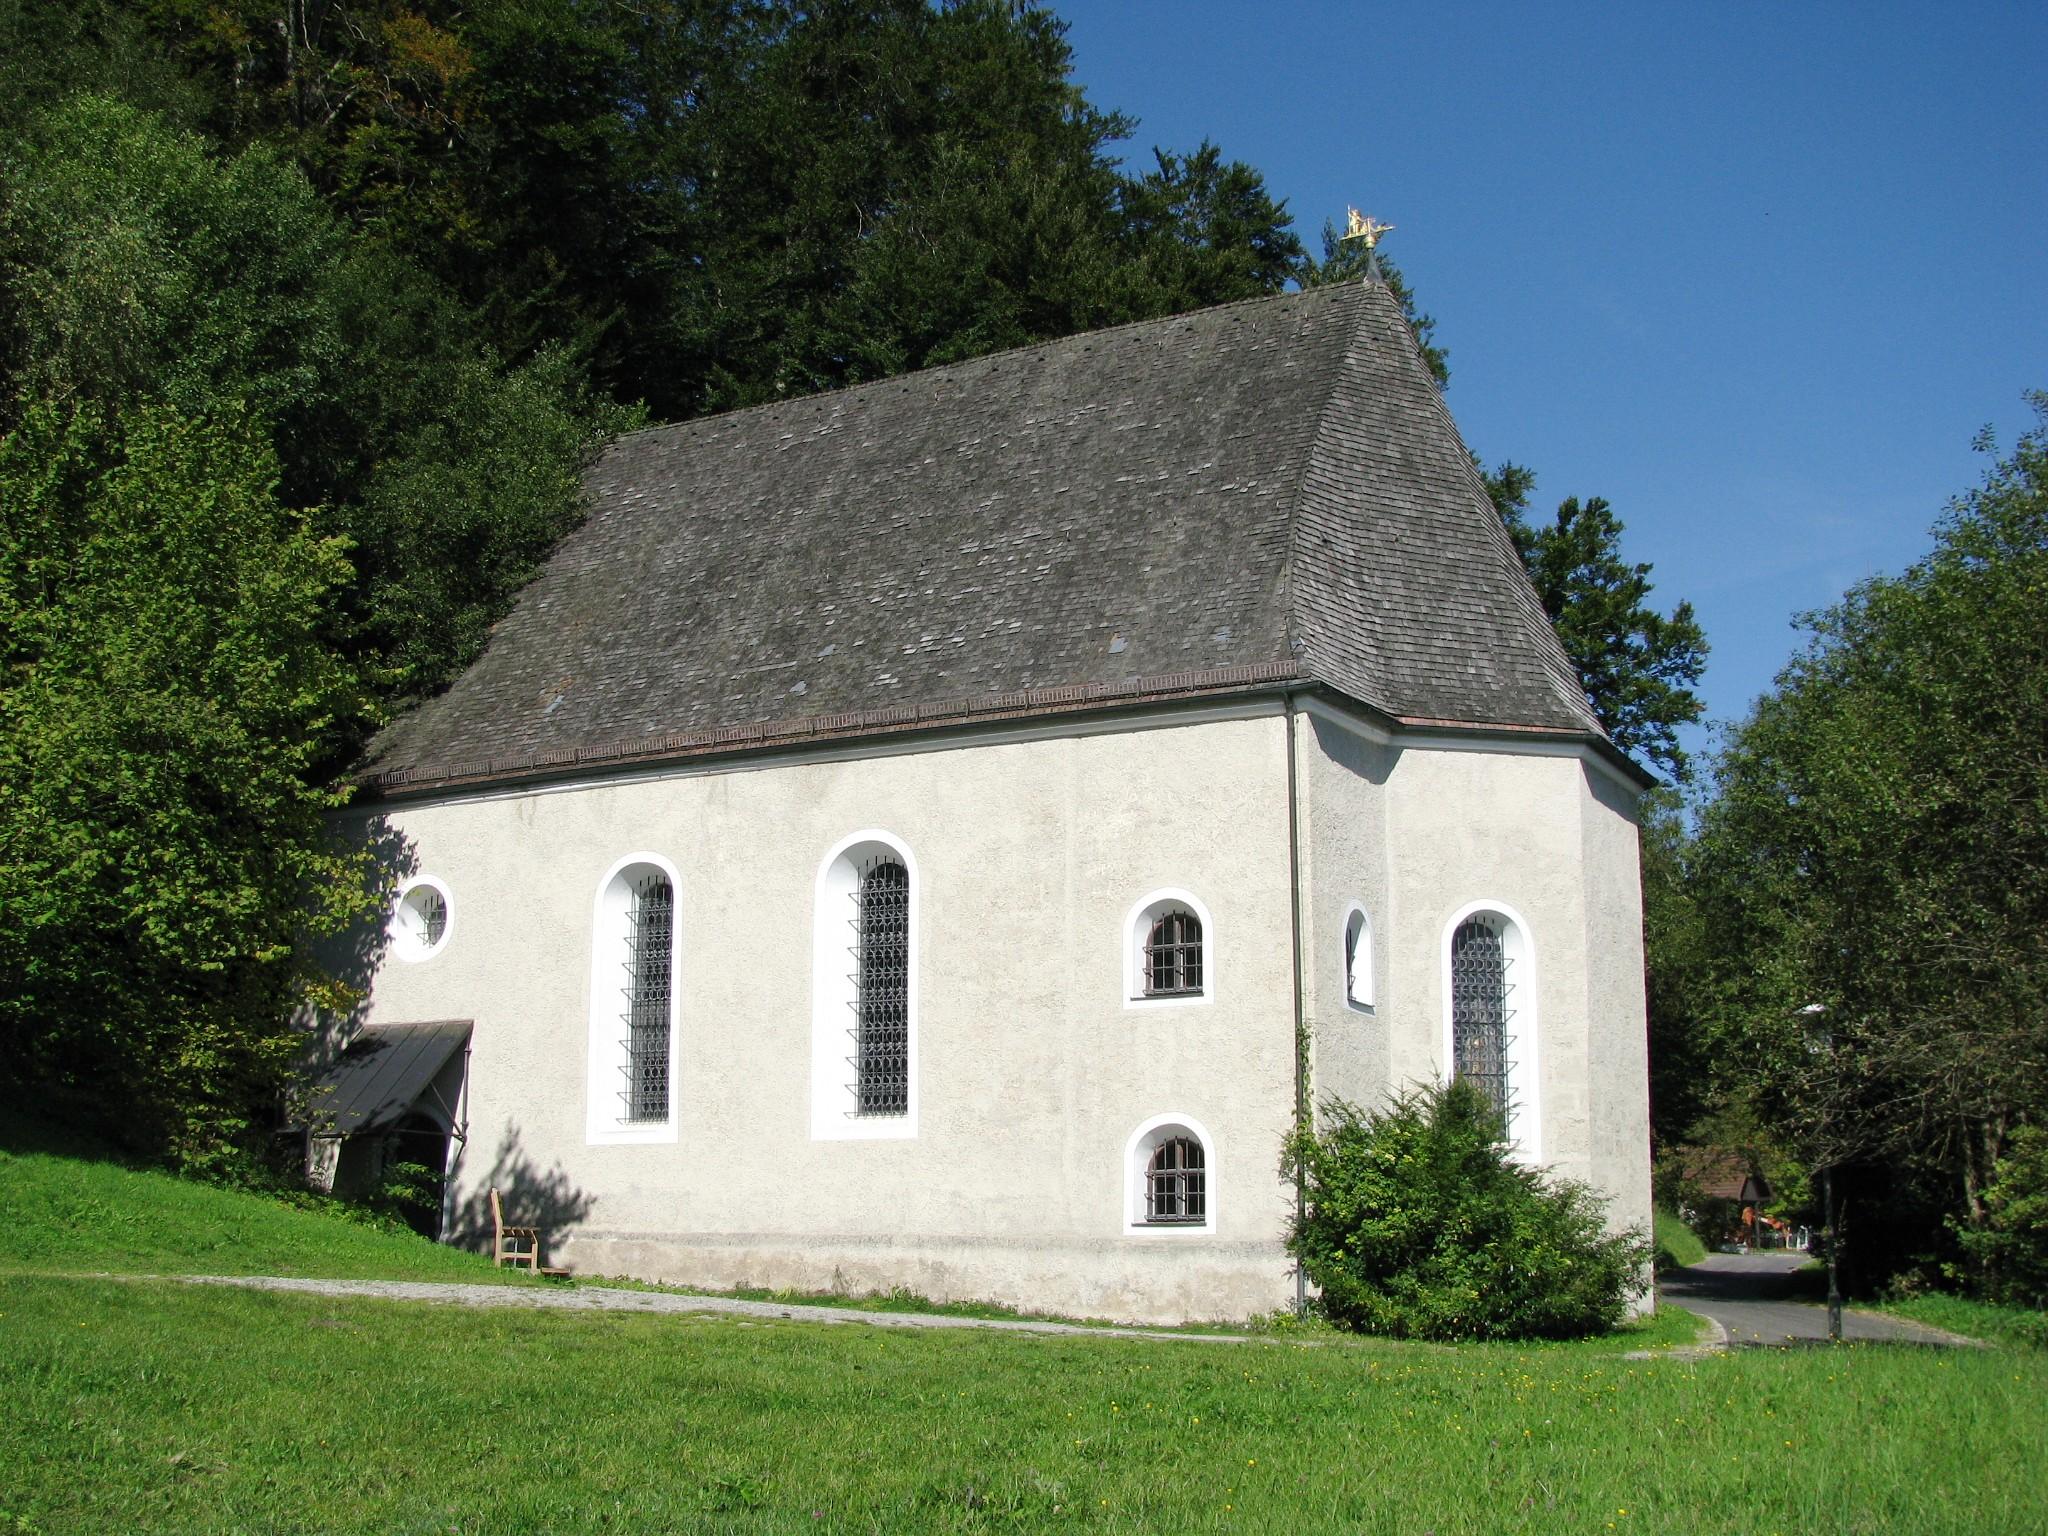 Wallfahrtskirche St. Sebald (Egling)